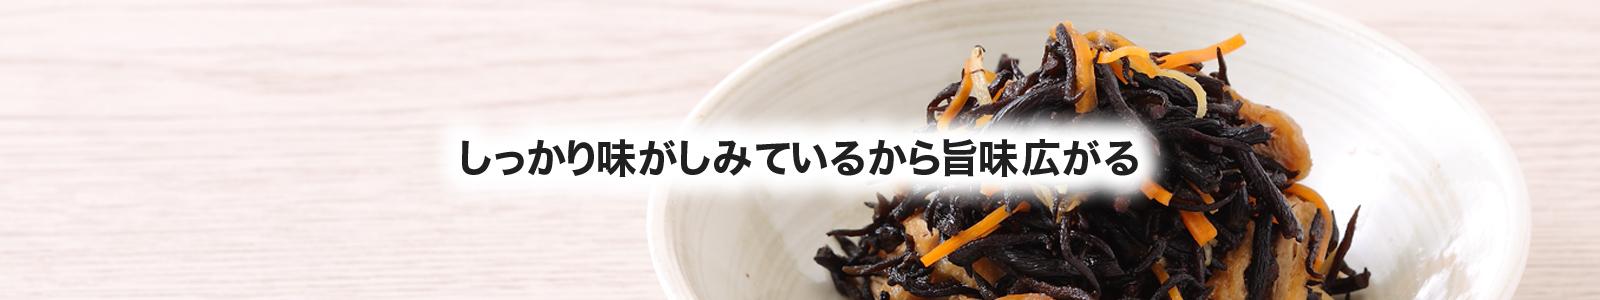 【湯煎調理レシピ】ひじきの煮物